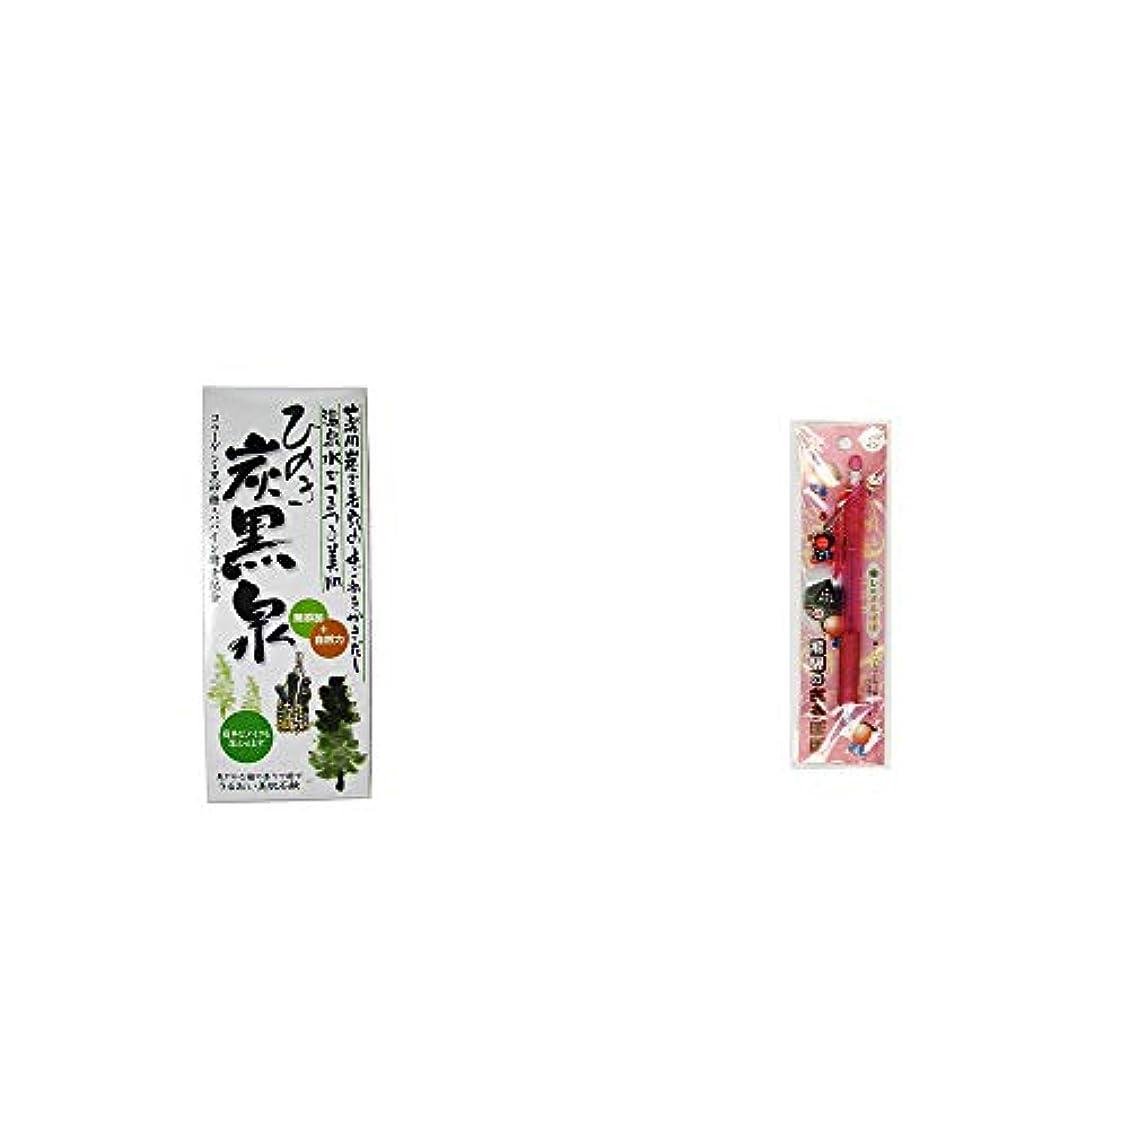 行商人説明的有効化[2点セット] ひのき炭黒泉 箱入り(75g×3)?さるぼぼ 癒しシャープペン 【ピンク】